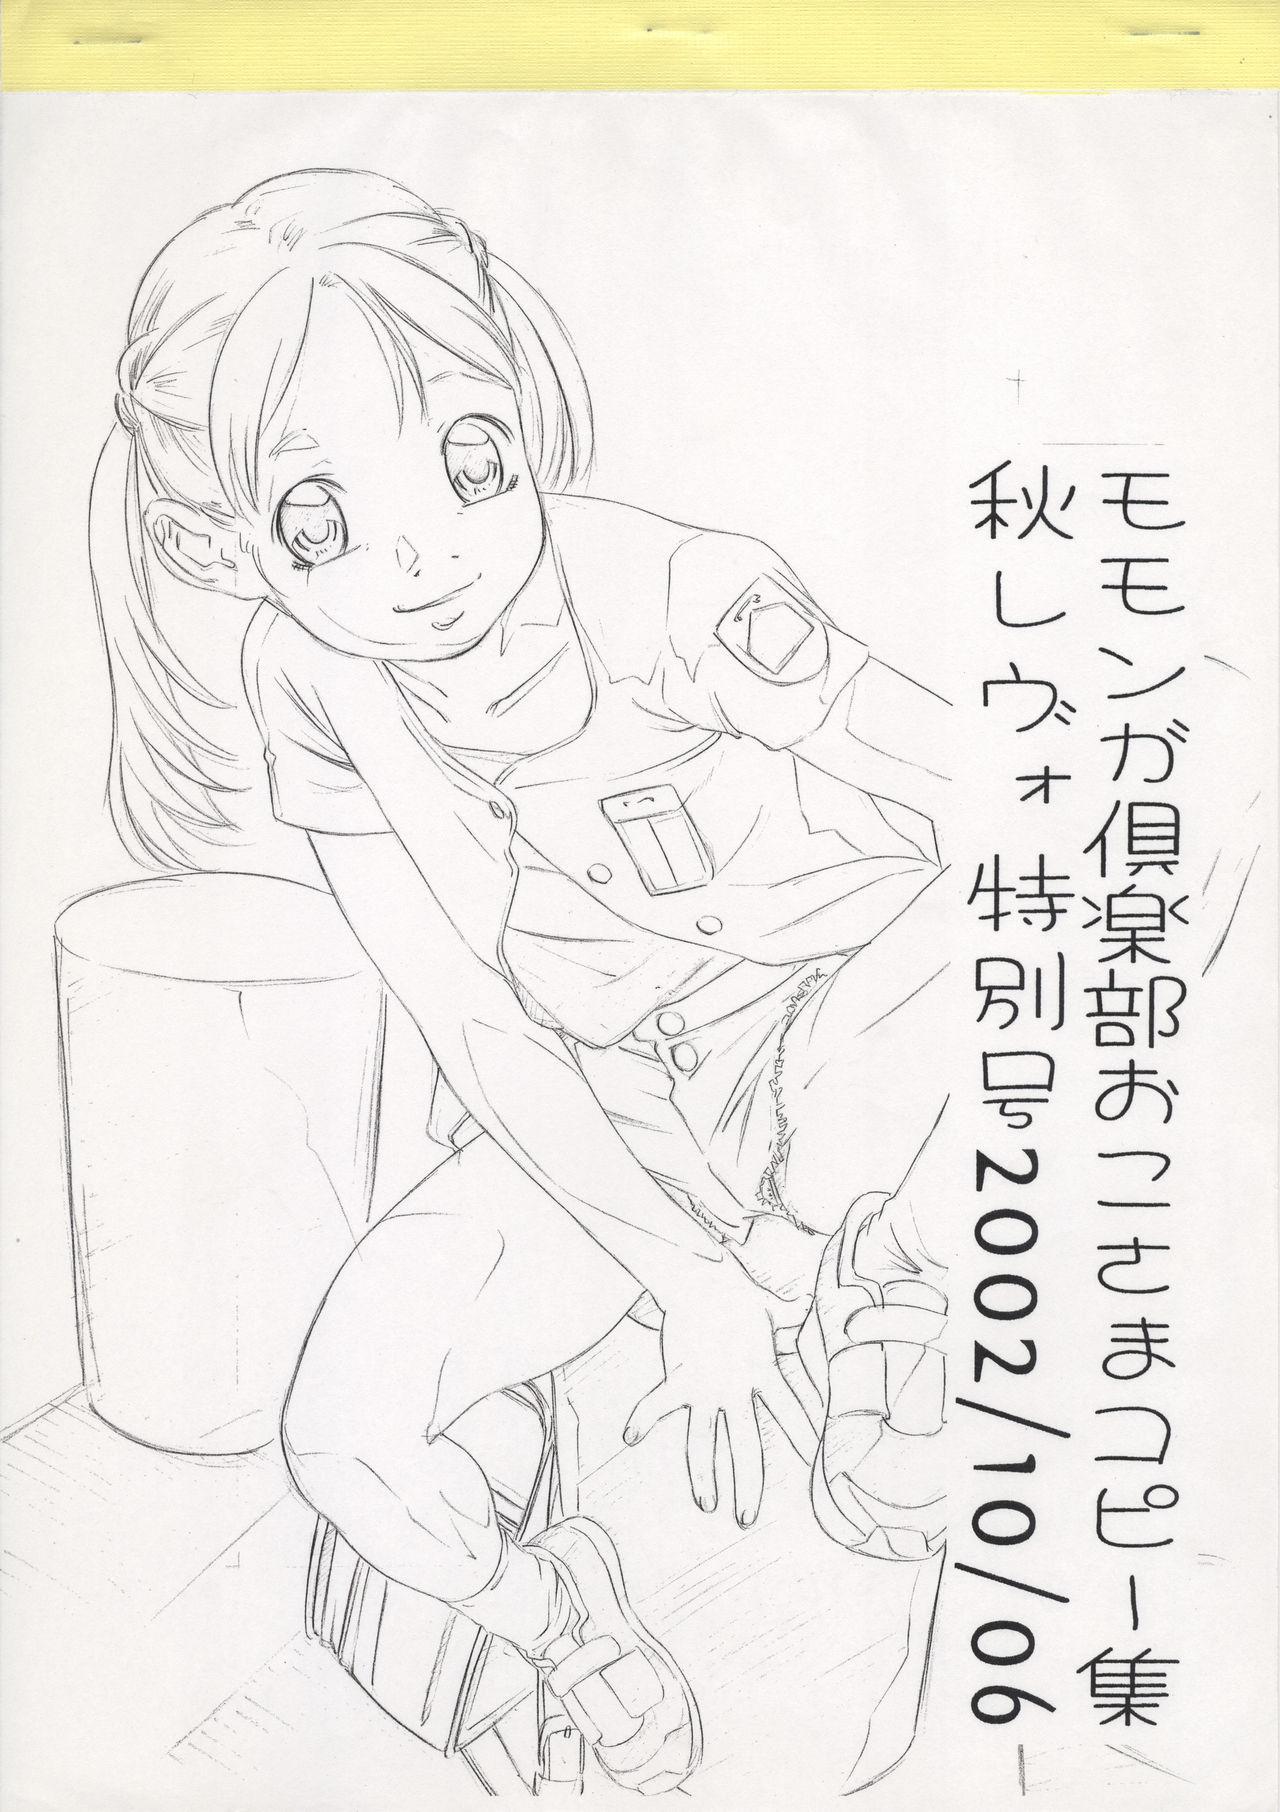 Momonga Club Okosama Copy Shuu Akirevo Tokubetsugou 2002/10/06 0